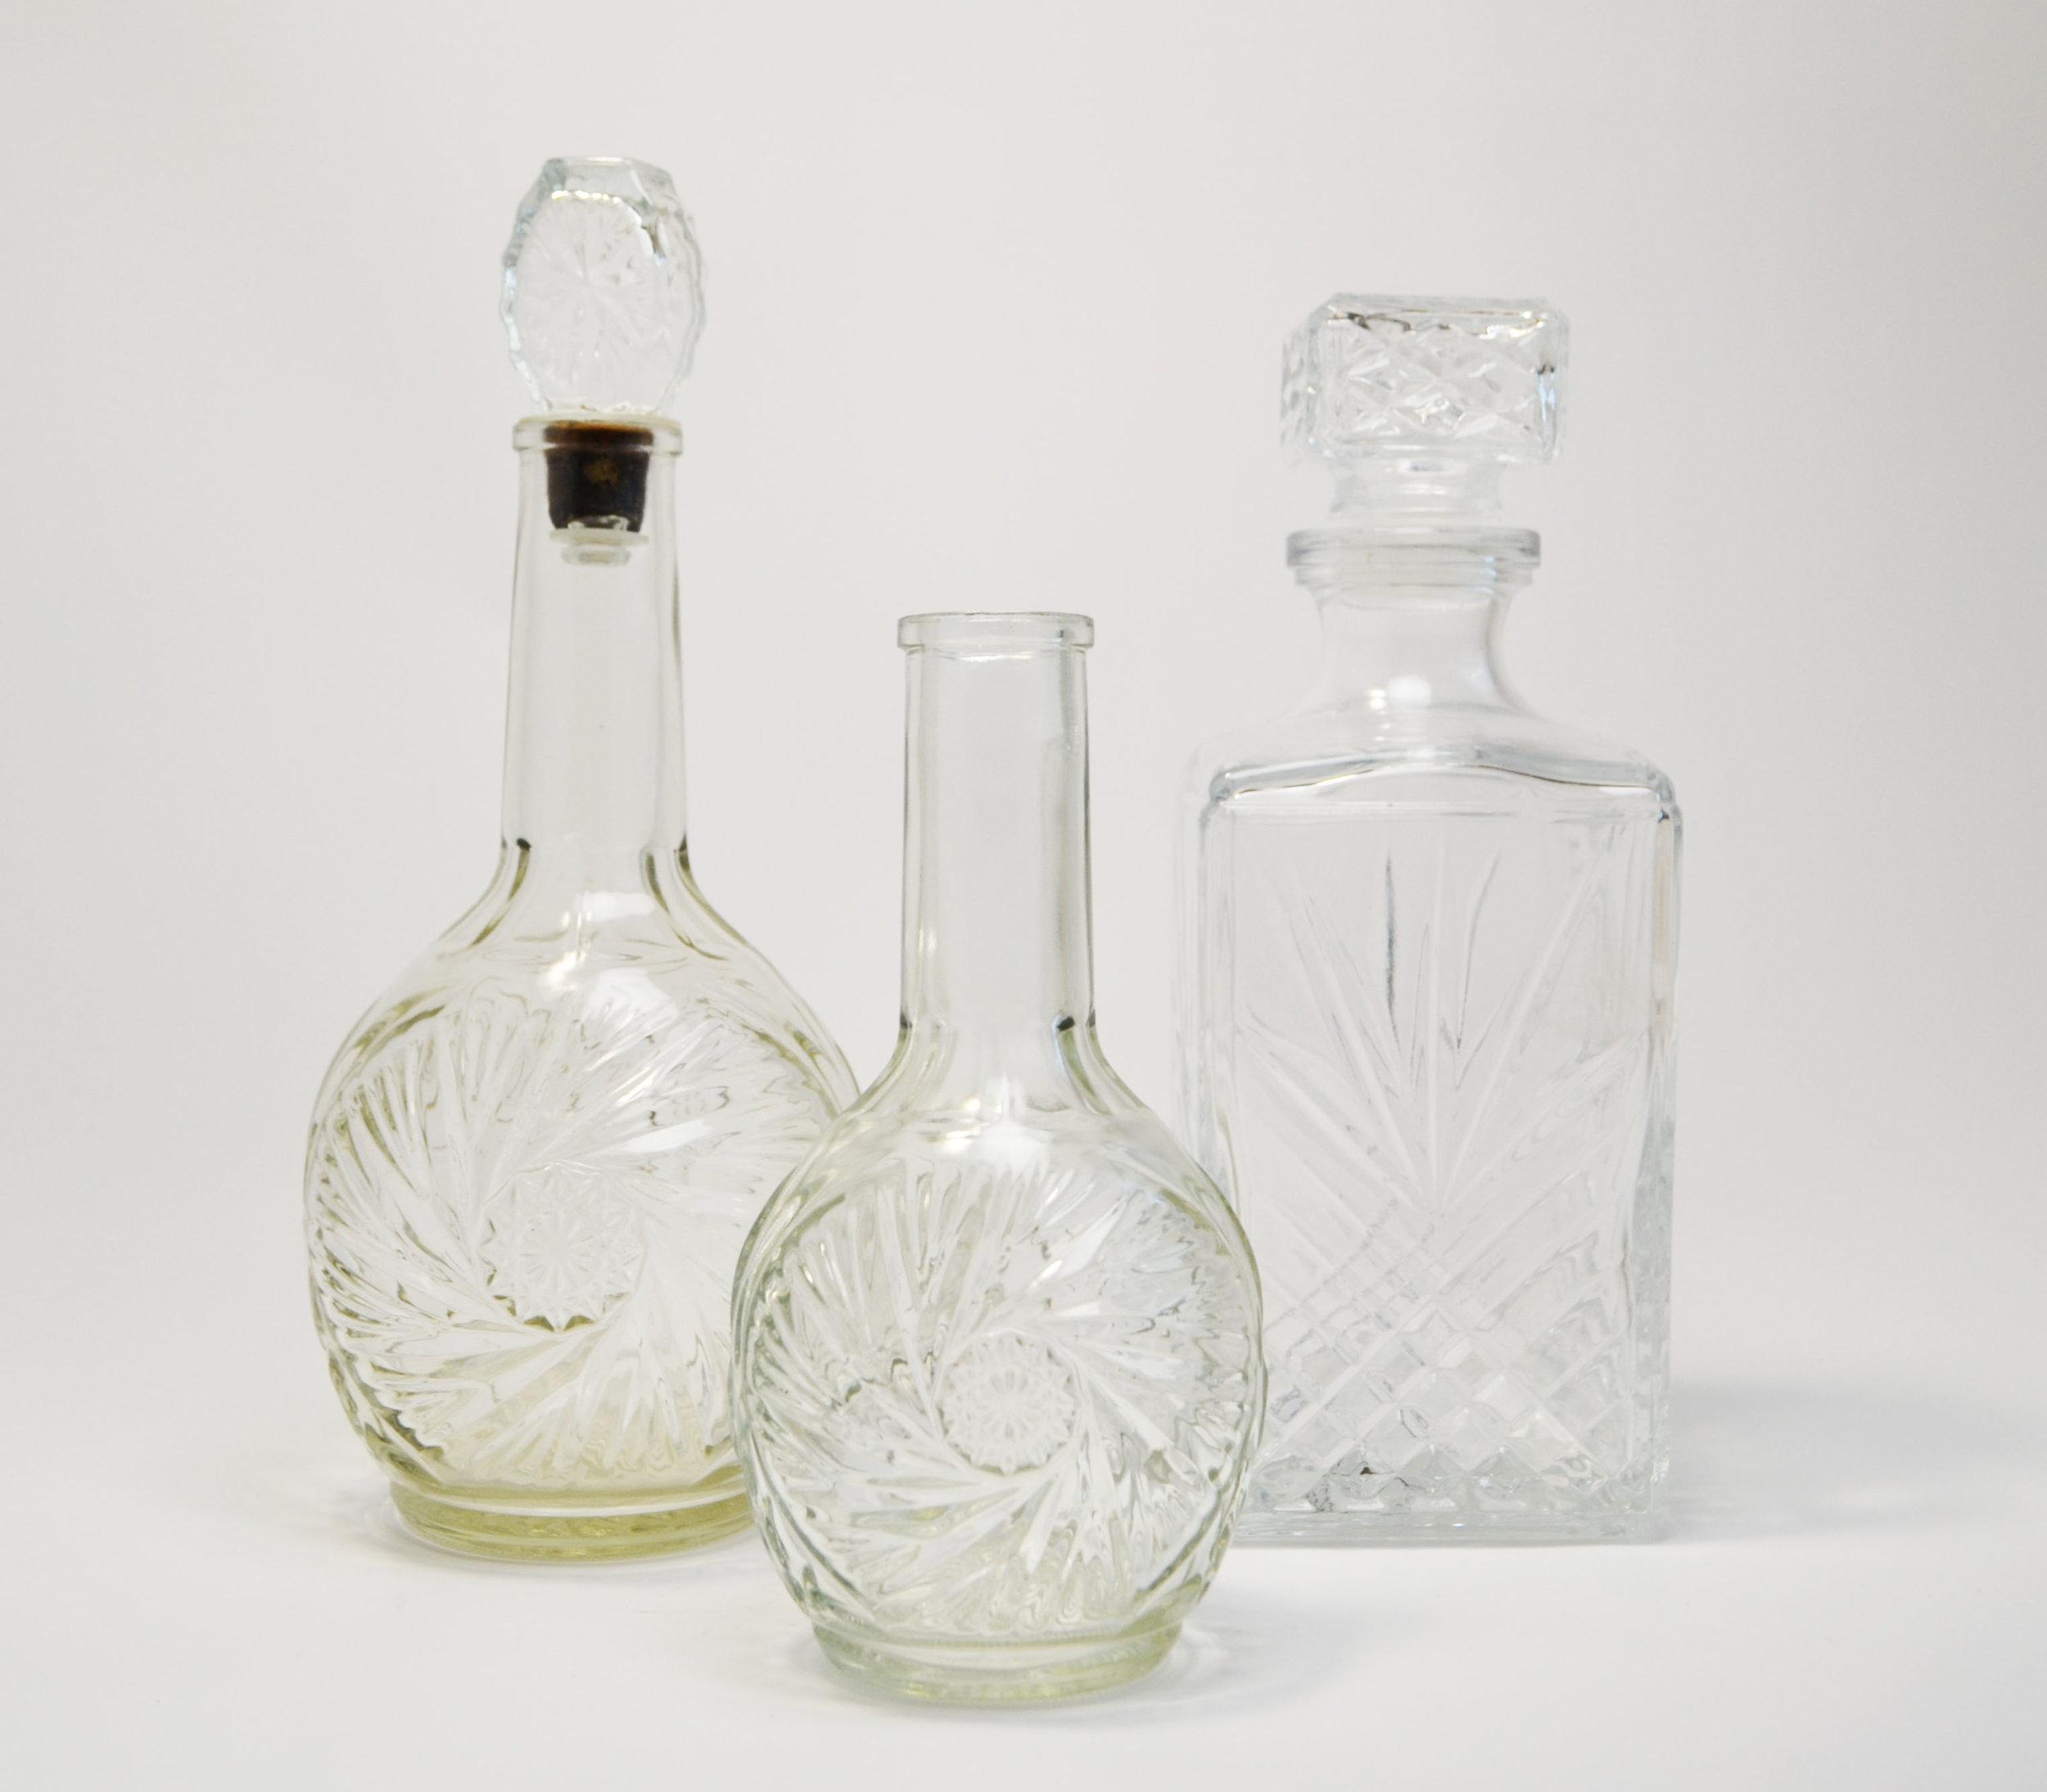 round decanter - medium   Quantity: 6  Price: $7.50